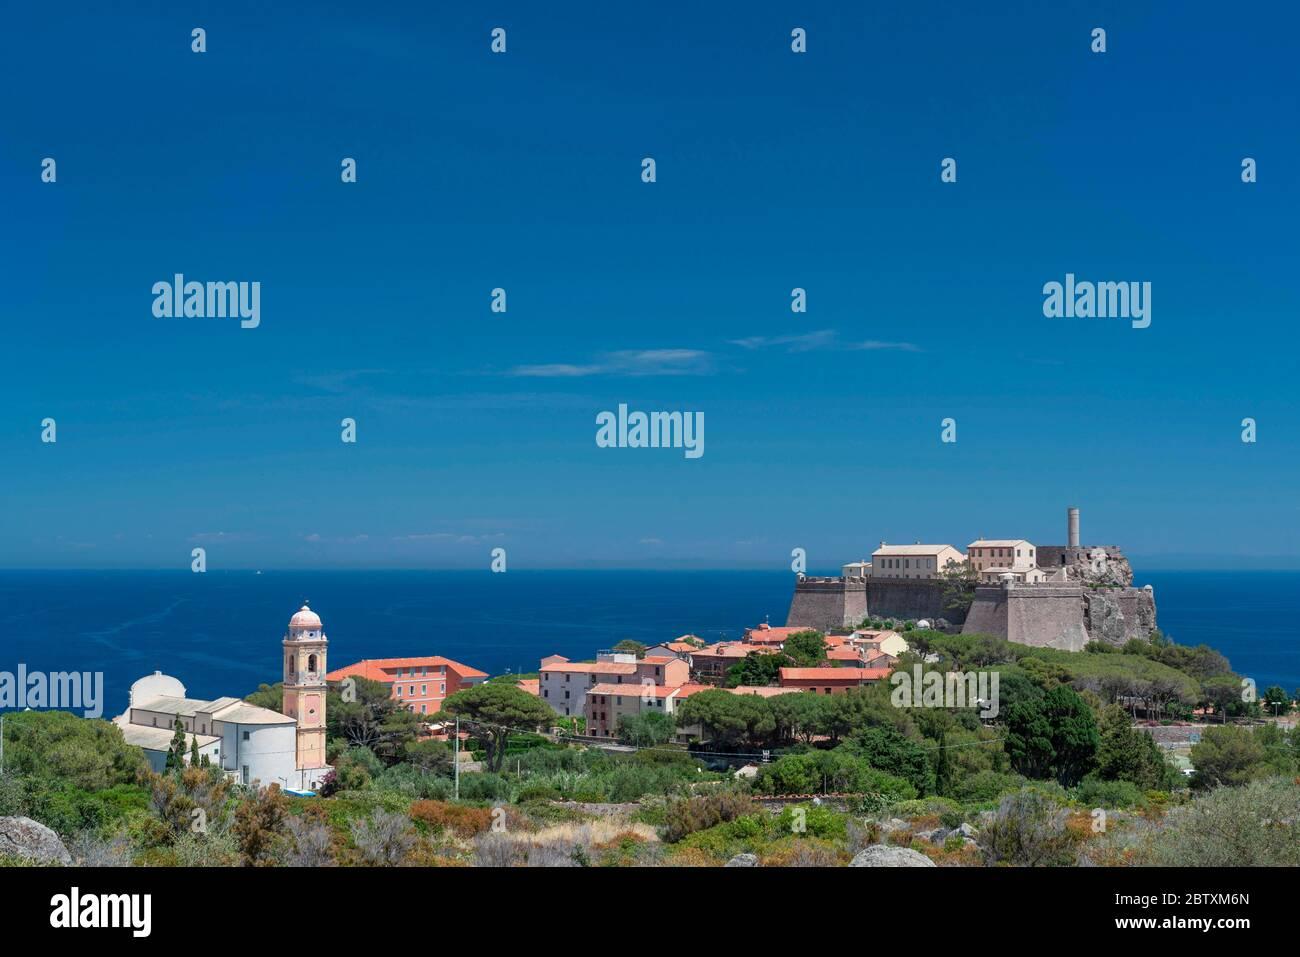 Village de Capraia, île de Capraia, Parc national de l'Archipel Toscan, Livourne, Toscane, Italie Banque D'Images